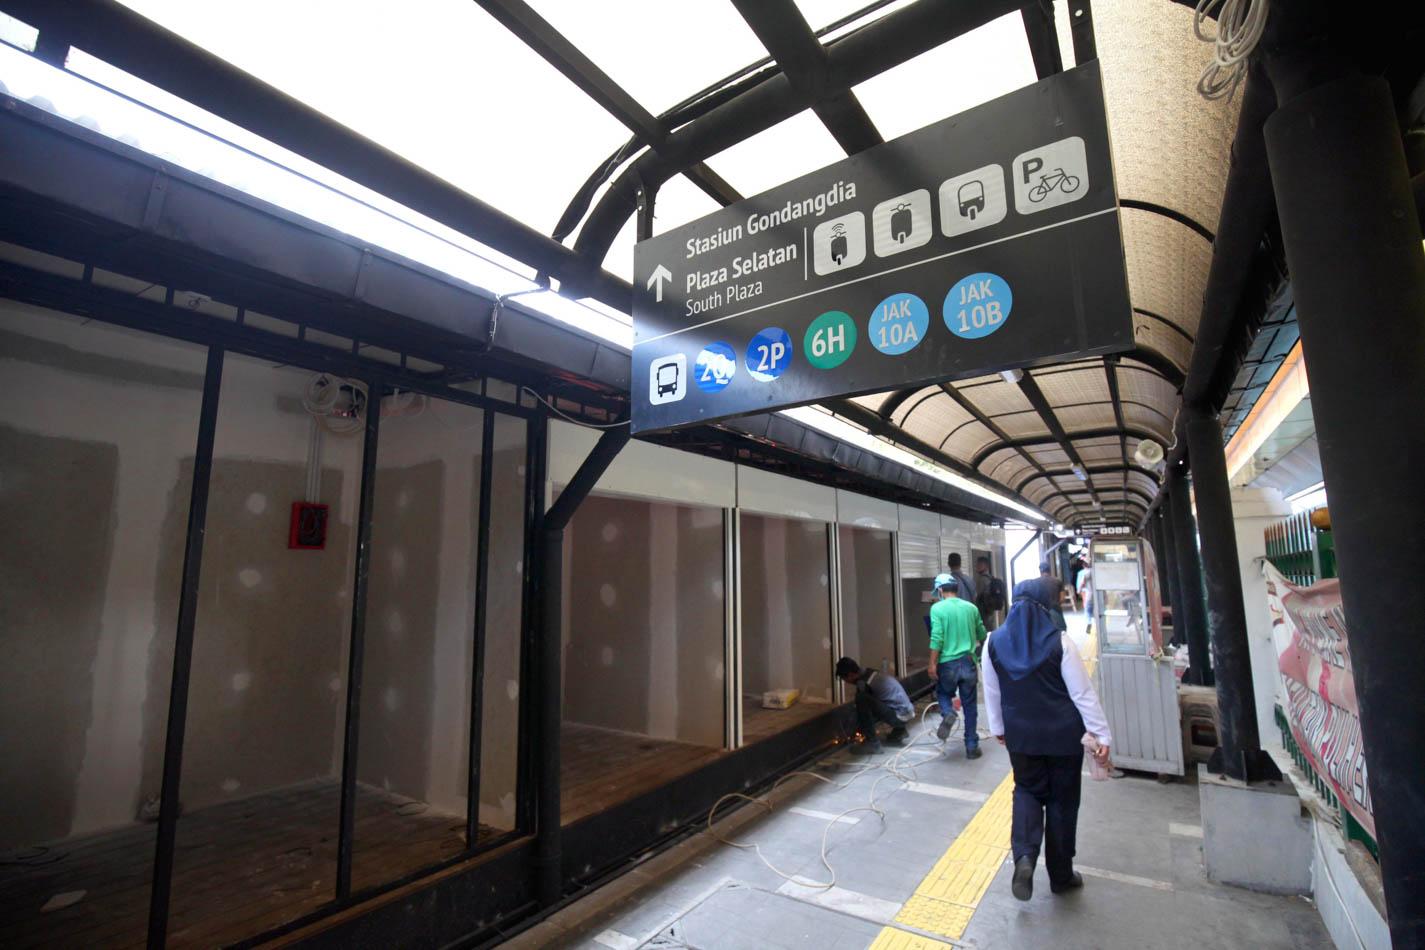 Ditata Rapi, Ruko UMKM Dipersiapkan di Stasiun Gondangdia